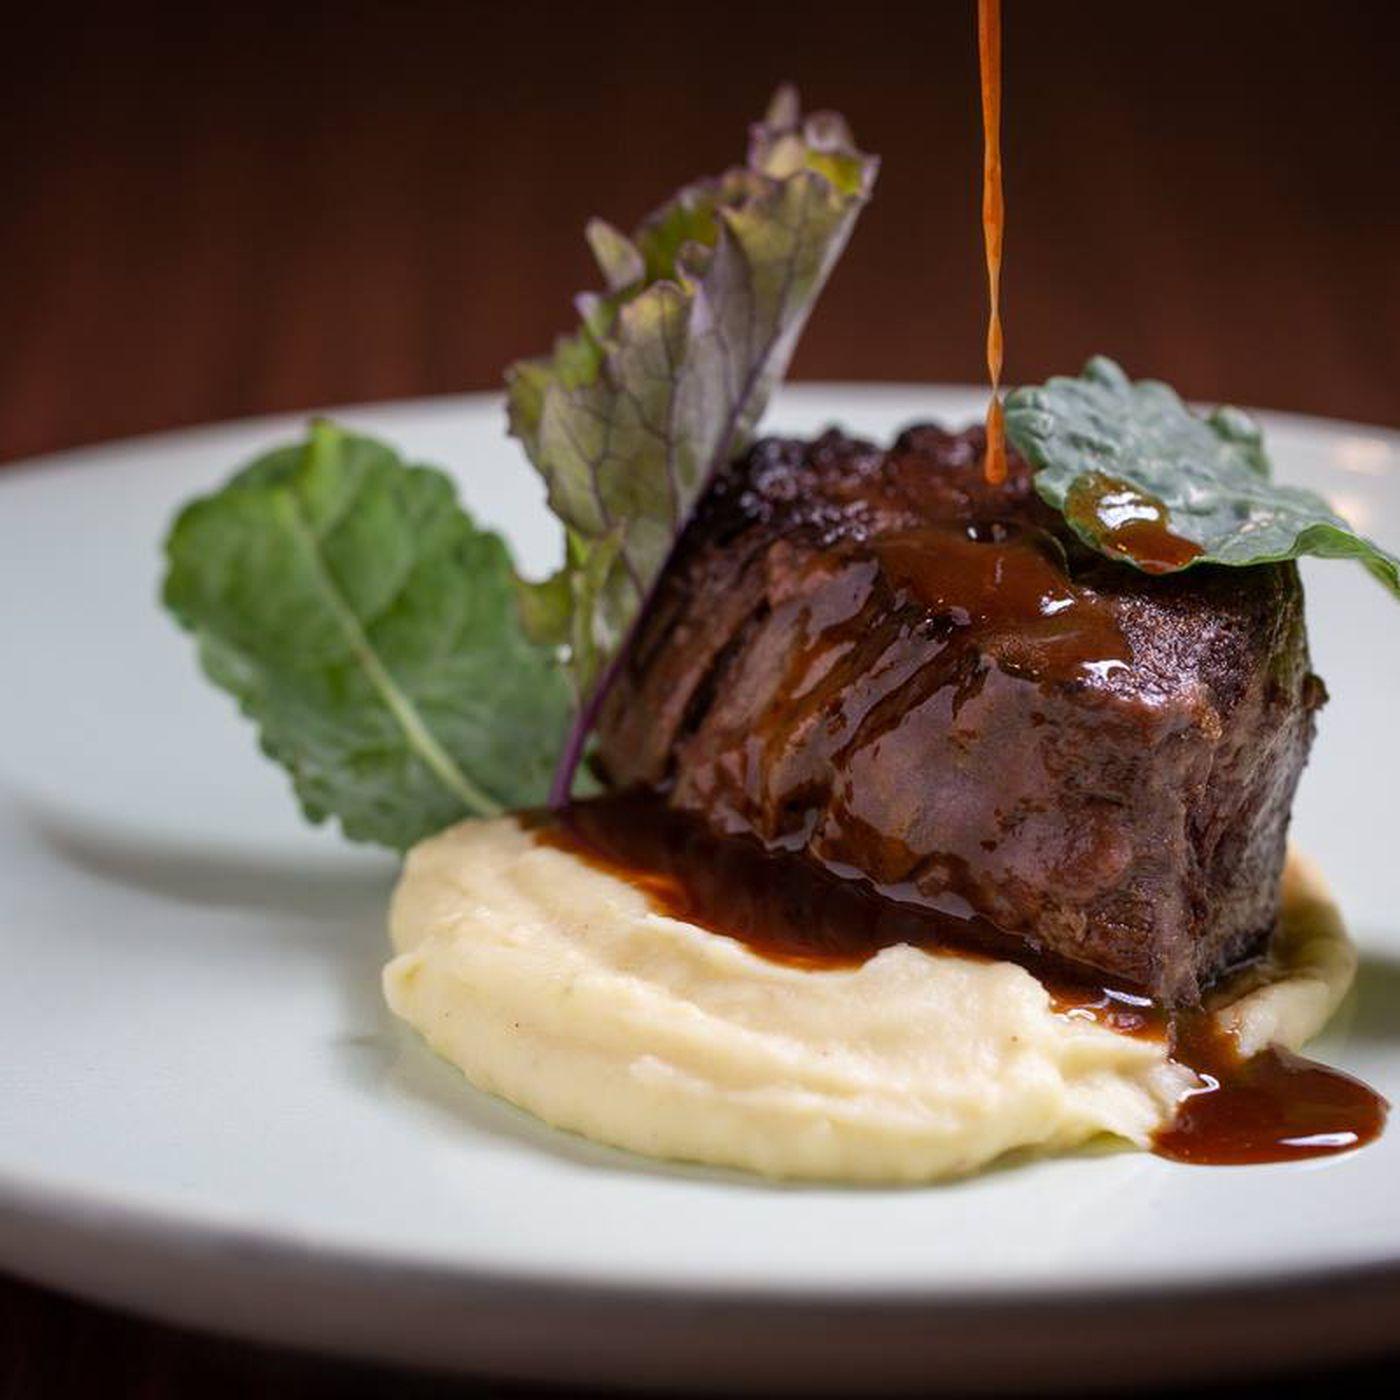 Domain Christmas Day 2020 Austin Restaurants Best Christmas and Christmas Eve Meals at Austin Restaurants